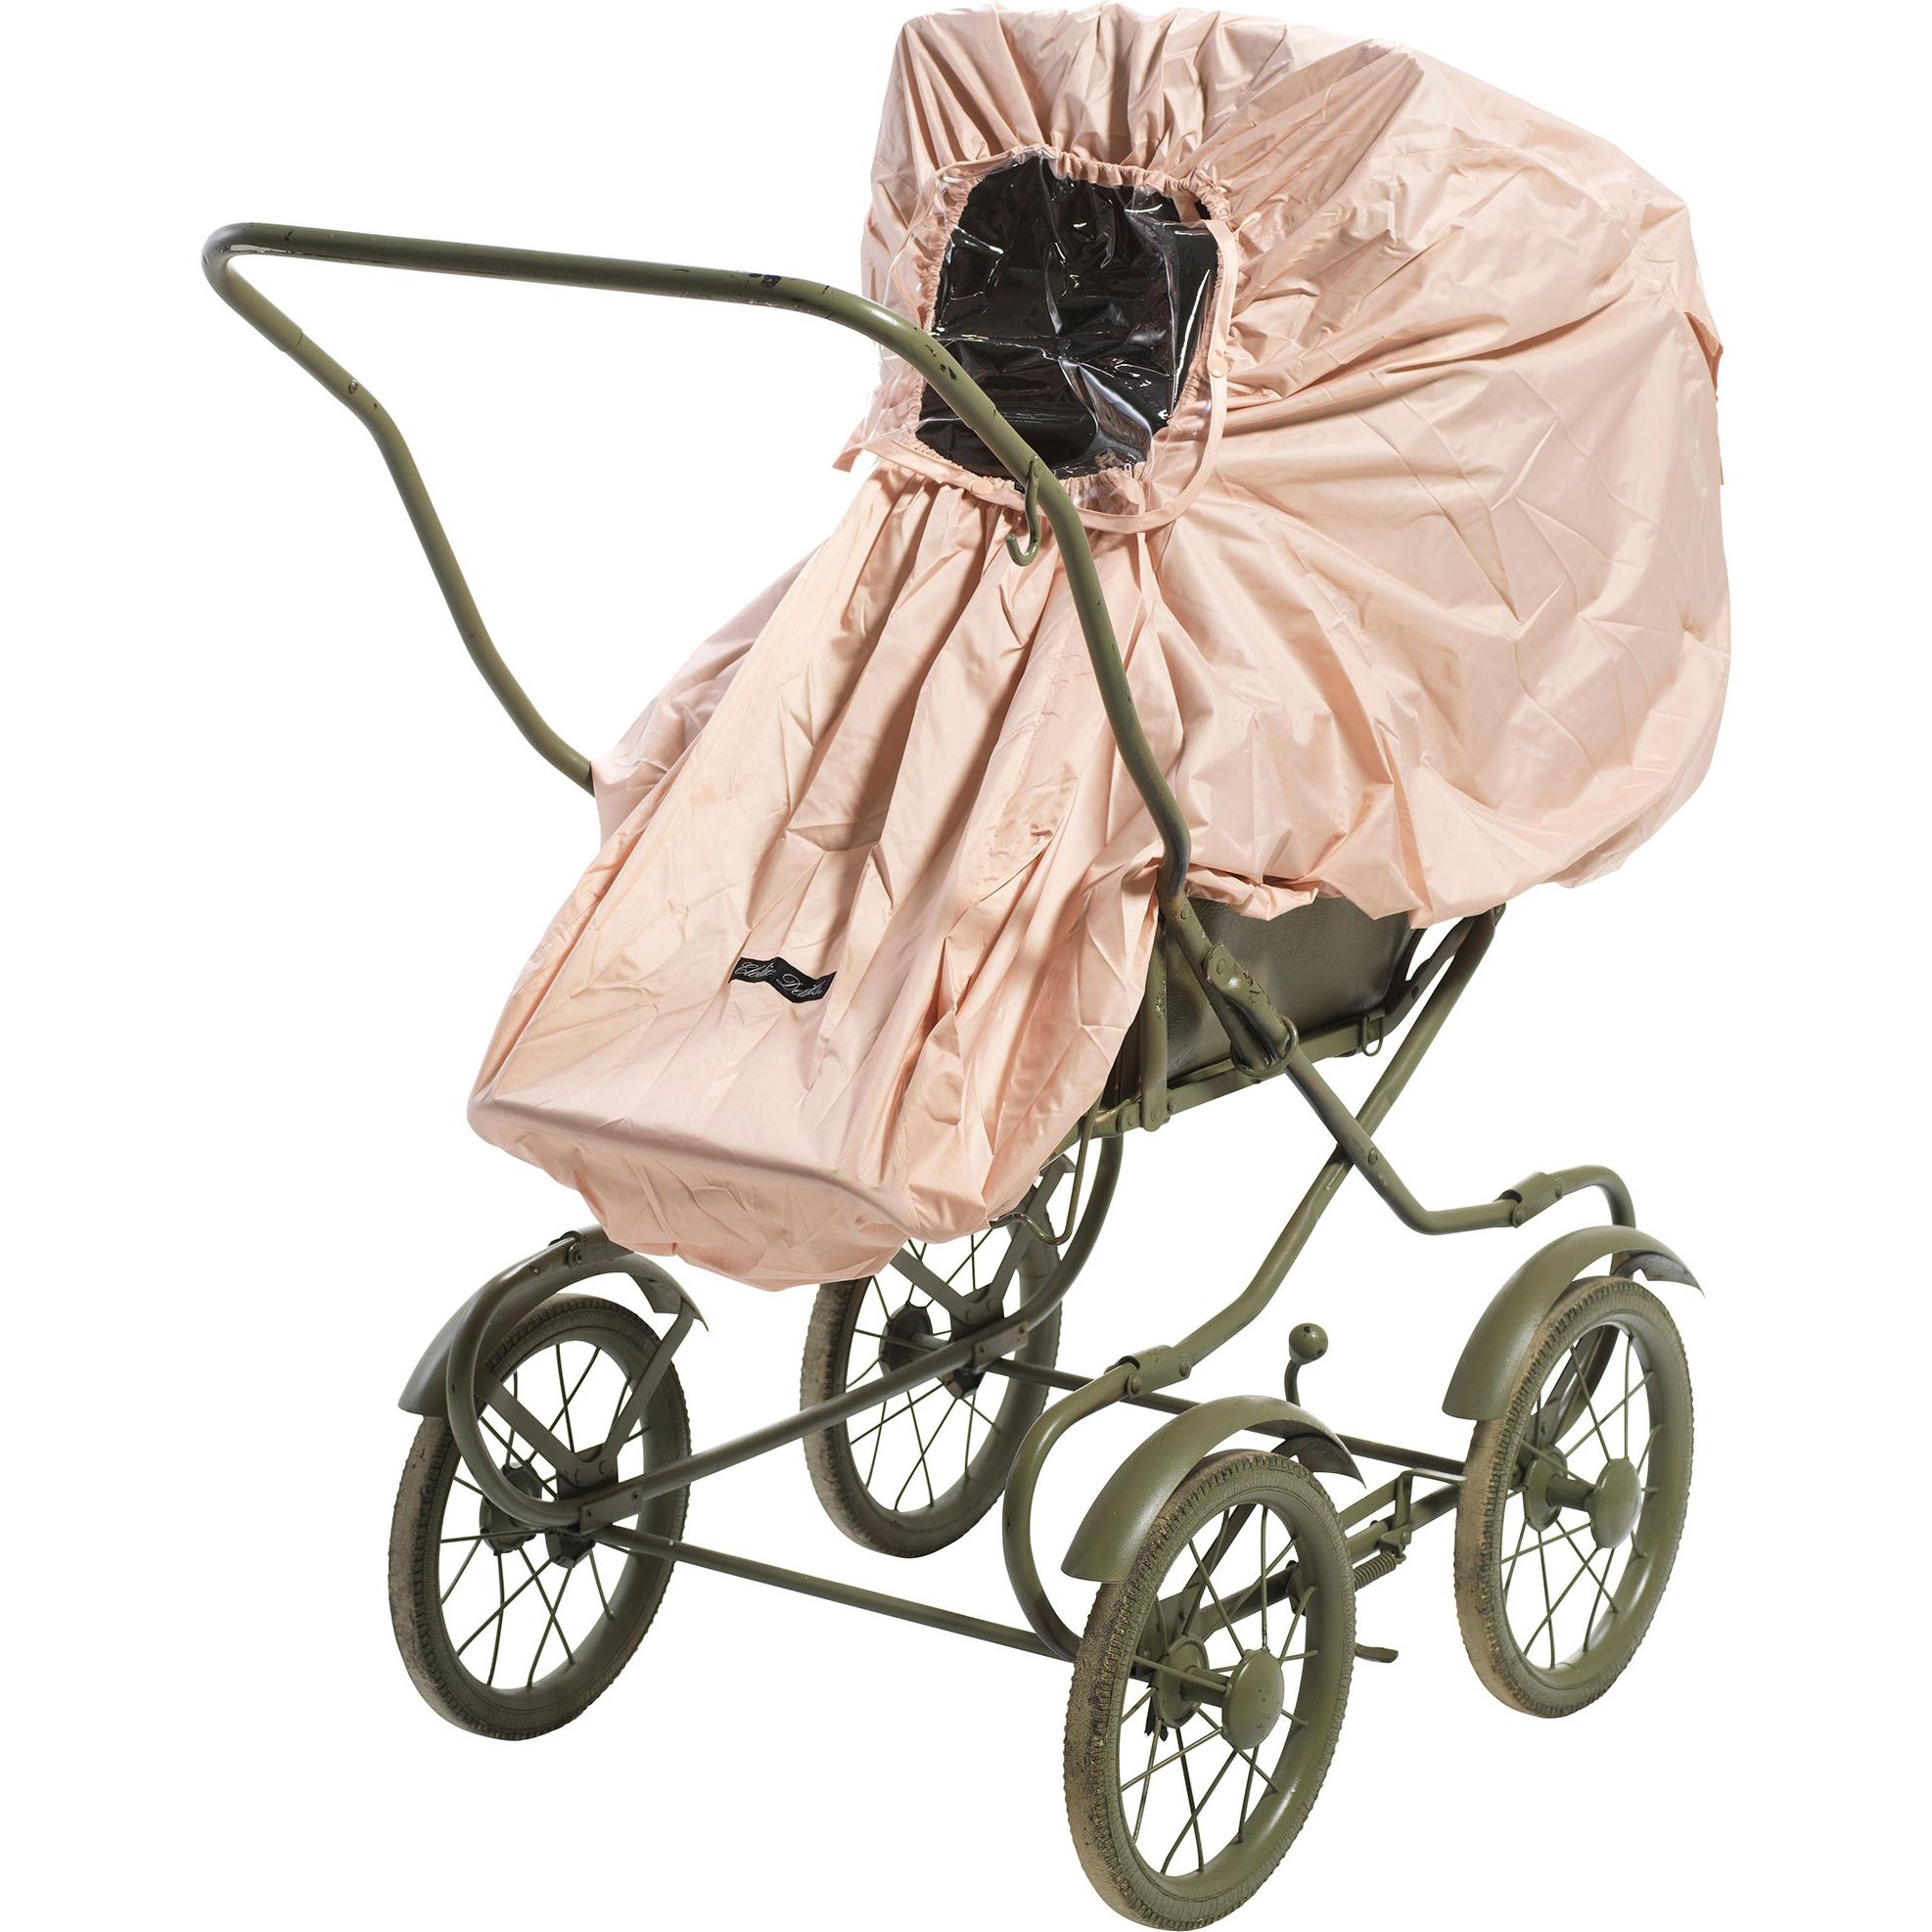 Купить Дождевик для коляски Elodie Details Powder Pink, Китай, всесезонная, Детские коляски, автокресла и аксессуары